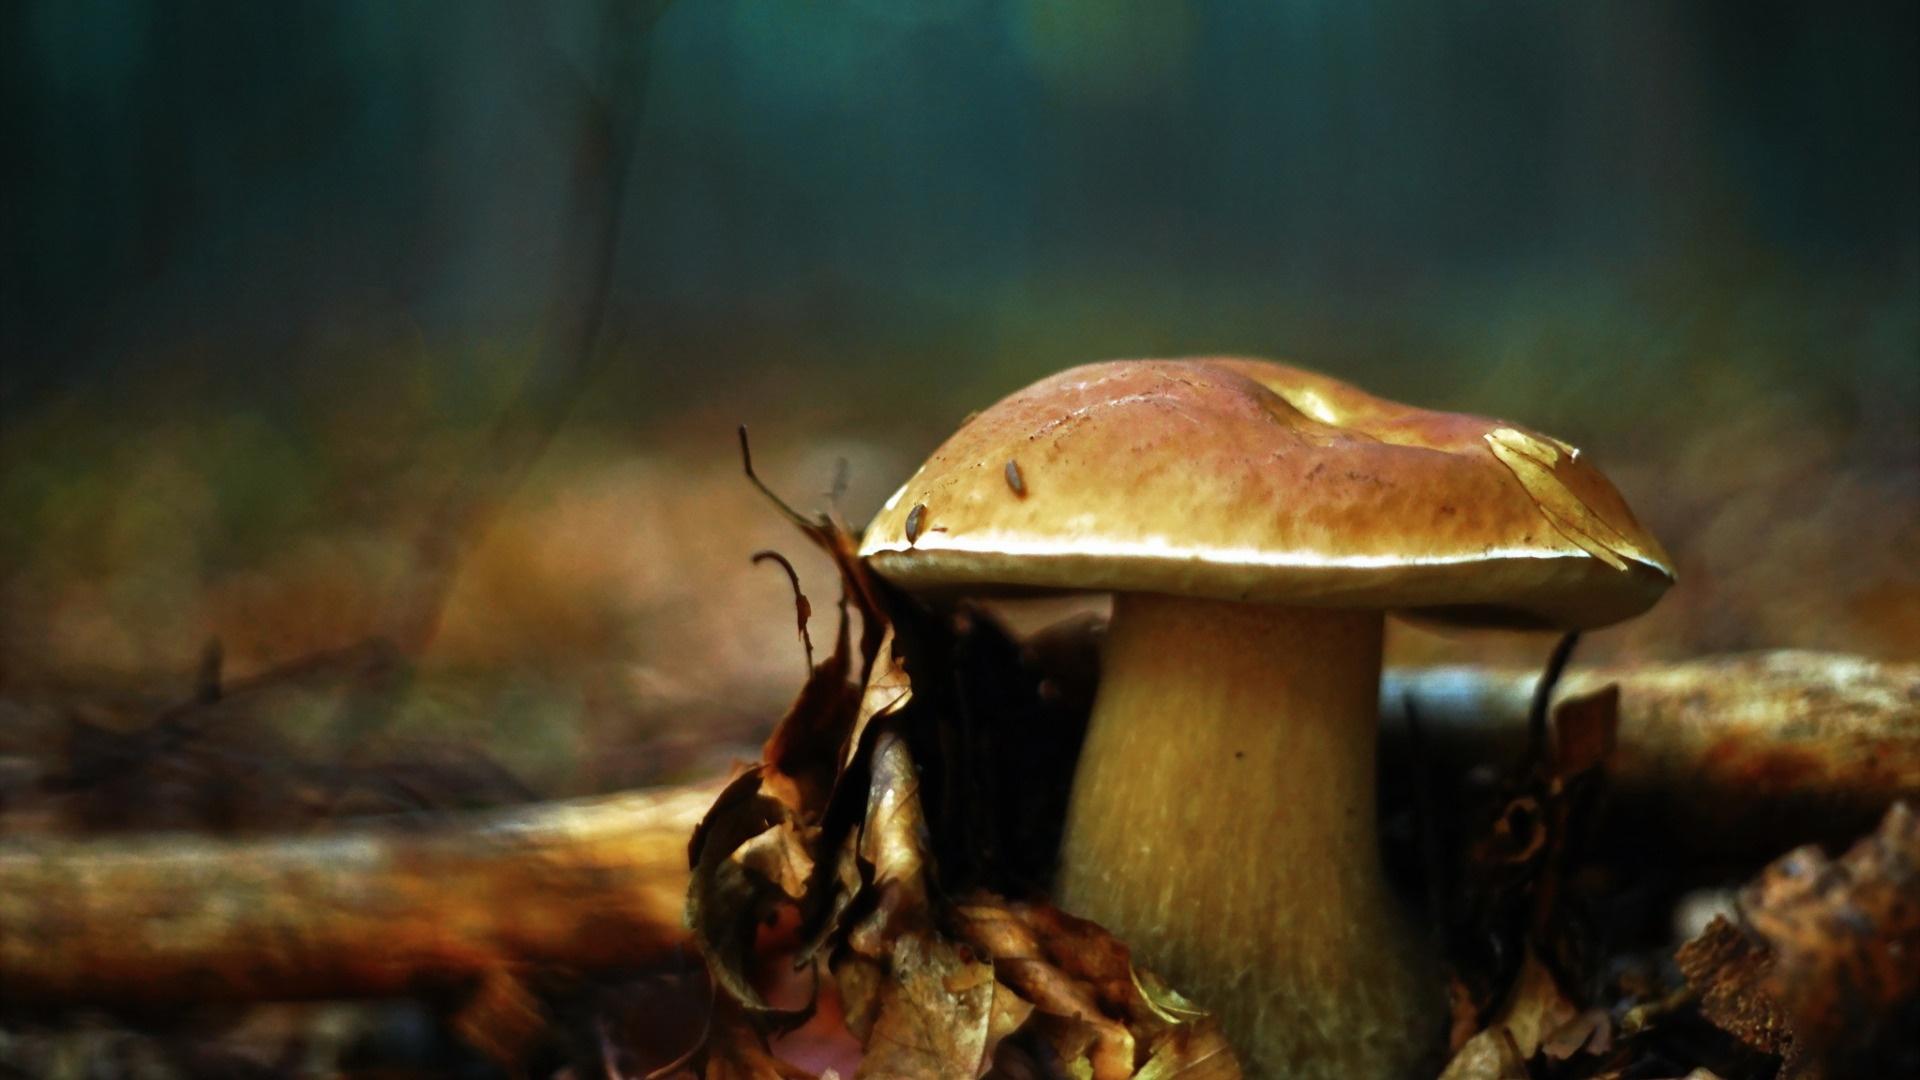 Macro Mushrooms windows wallpaper